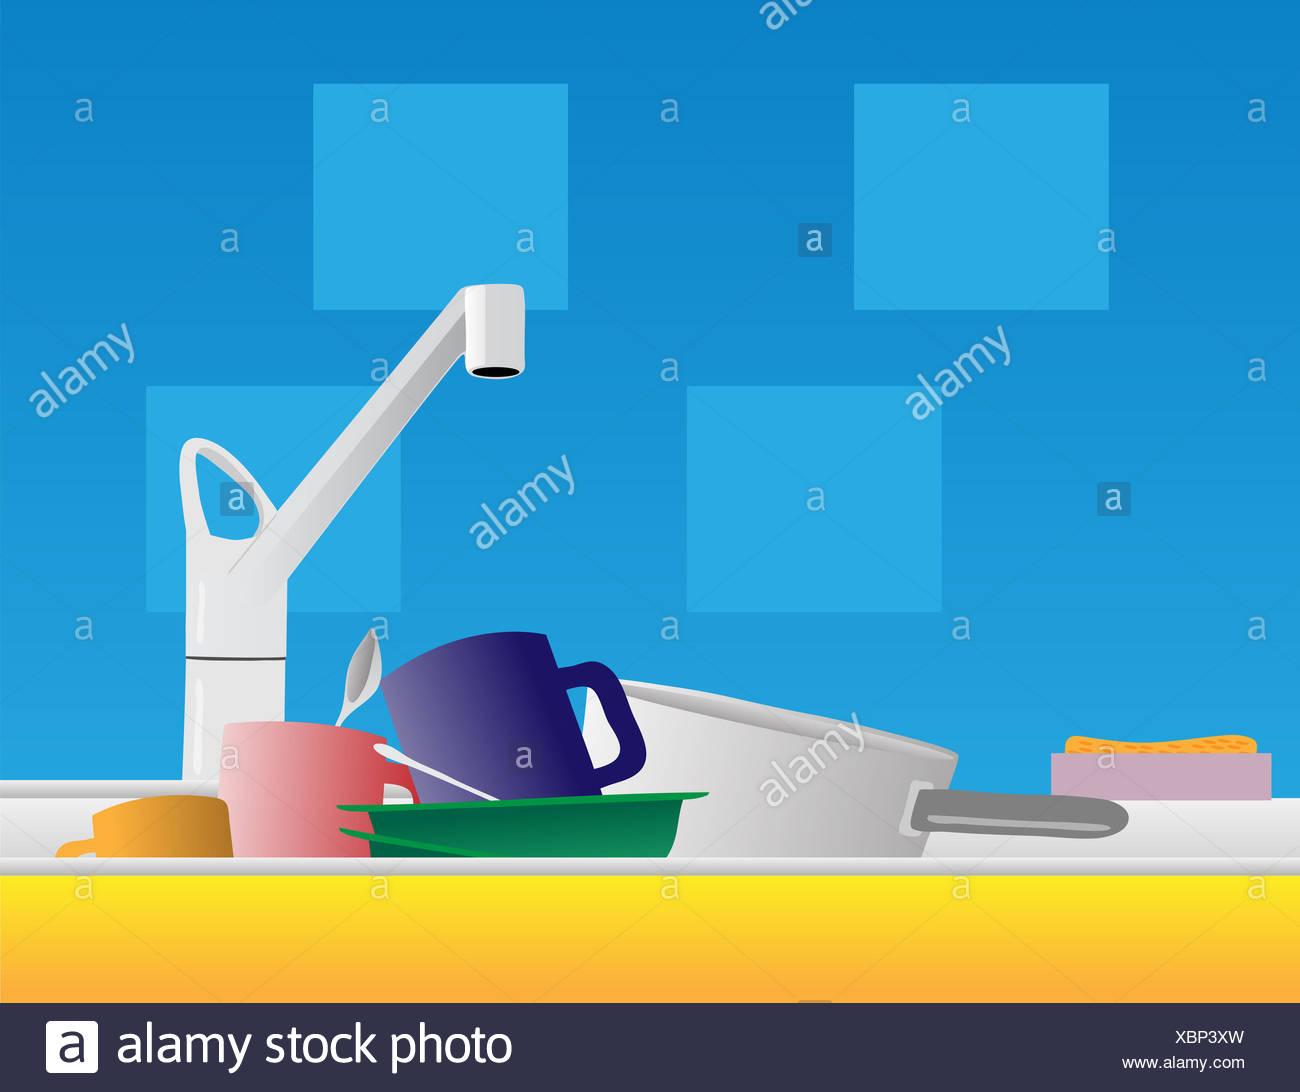 Kitchen Unit With Sink Stockfotos & Kitchen Unit With Sink Bilder ...